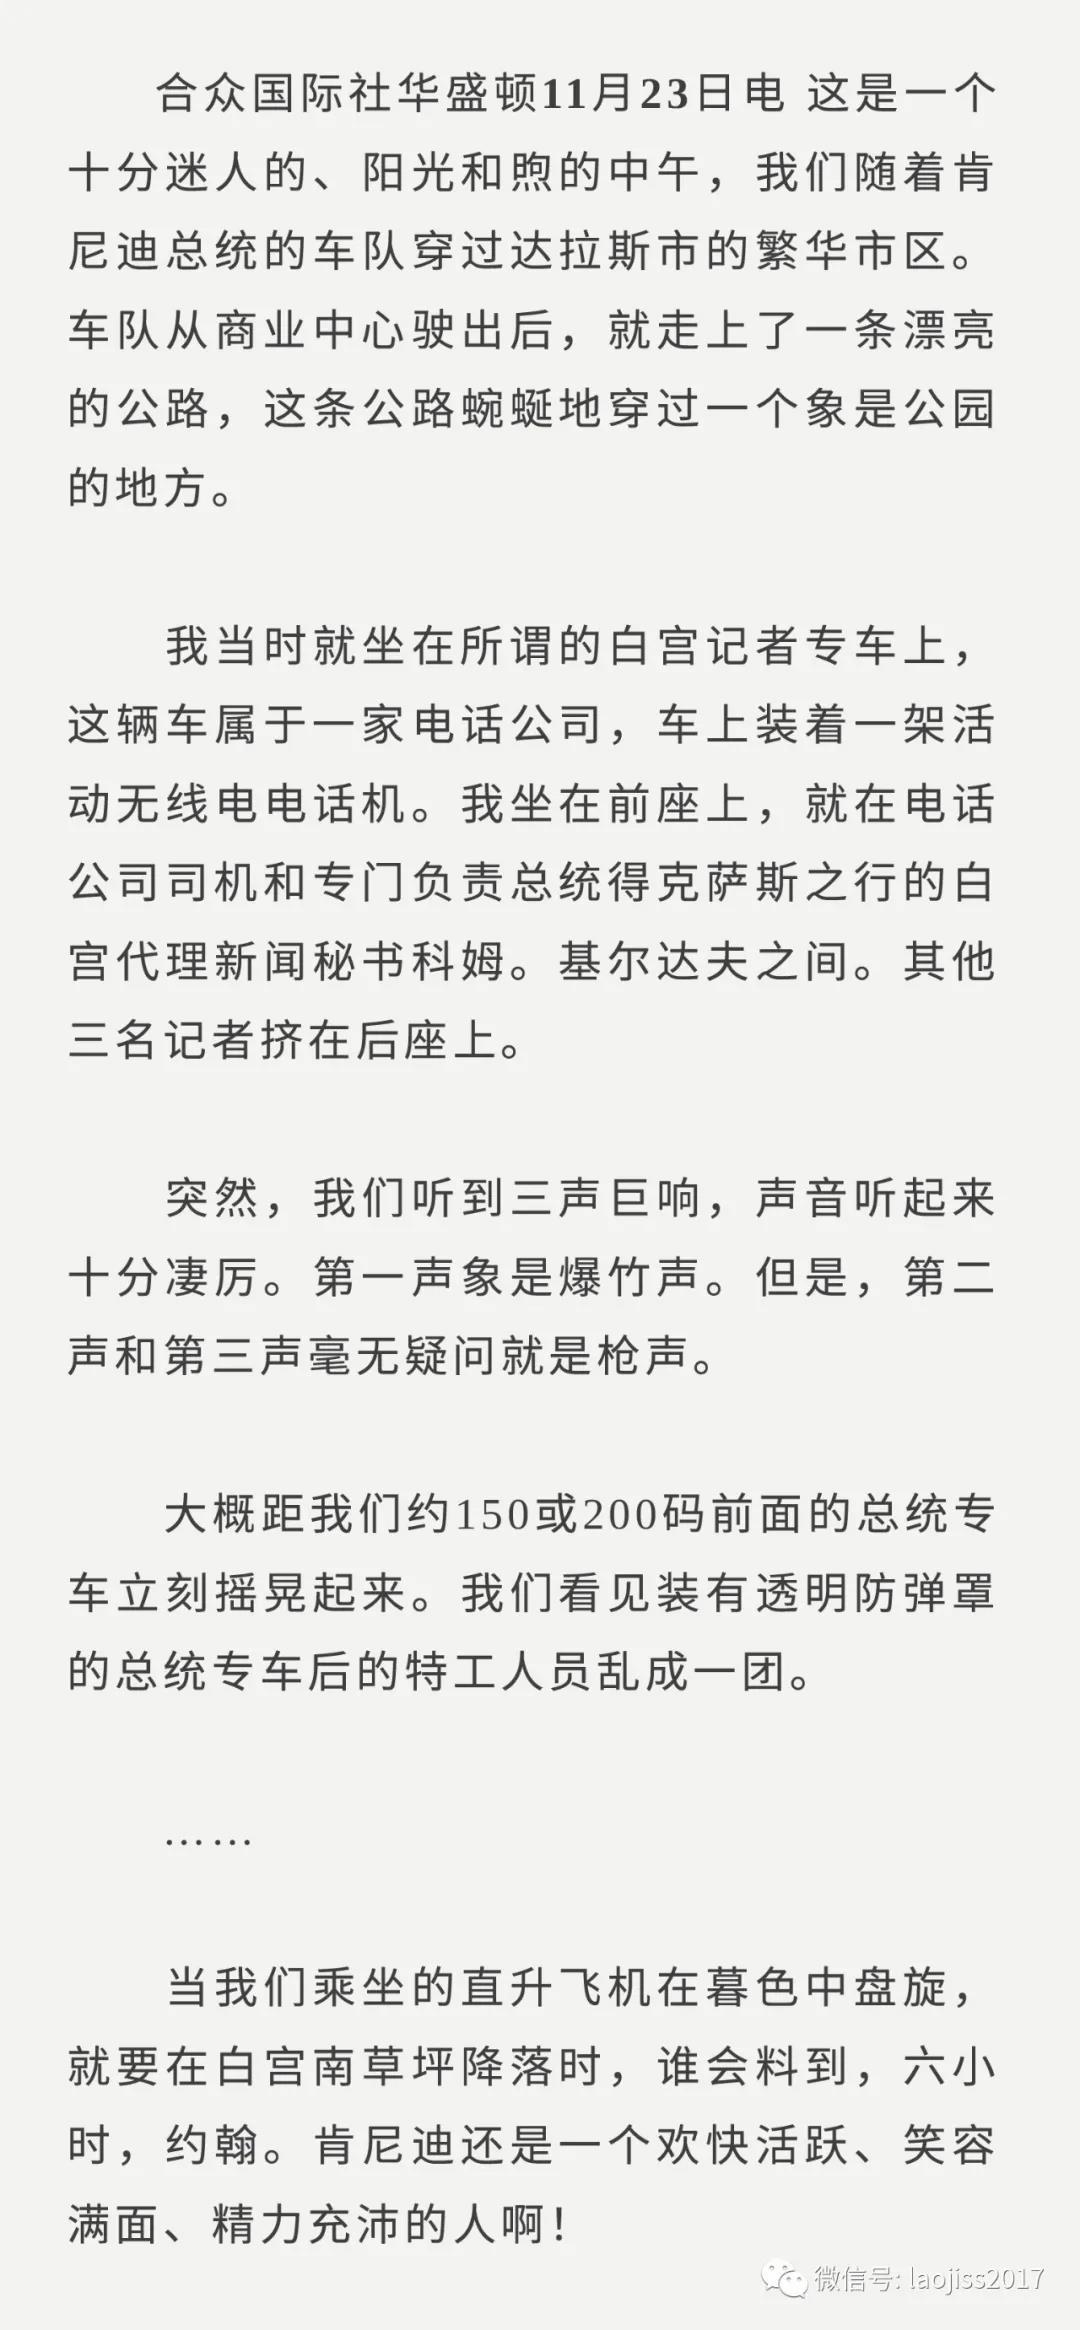 温宪:第一人称的激情表达